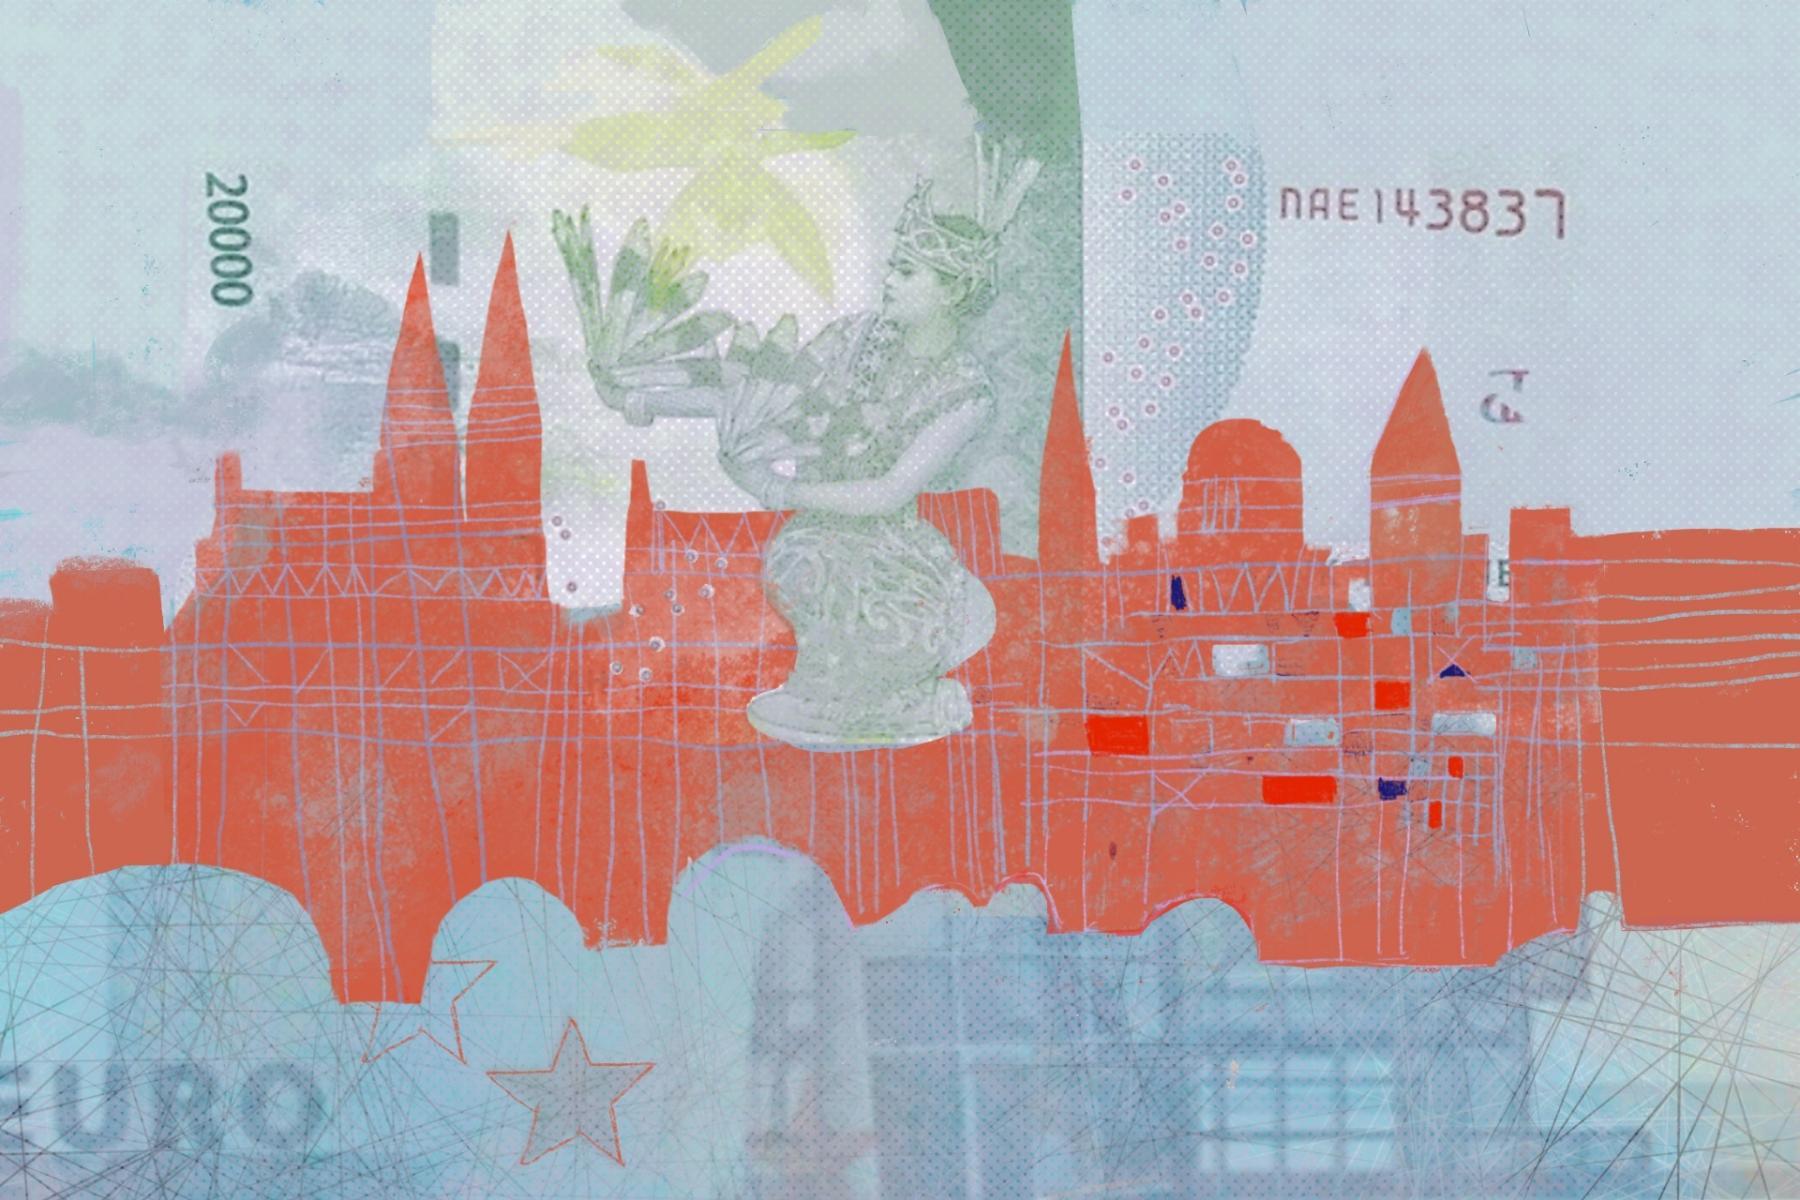 Индонезийский олигарх, торговец бумагой и пальмовым маслом, тайно купил историческое здание в Мюнхене за 350 миллионов евро